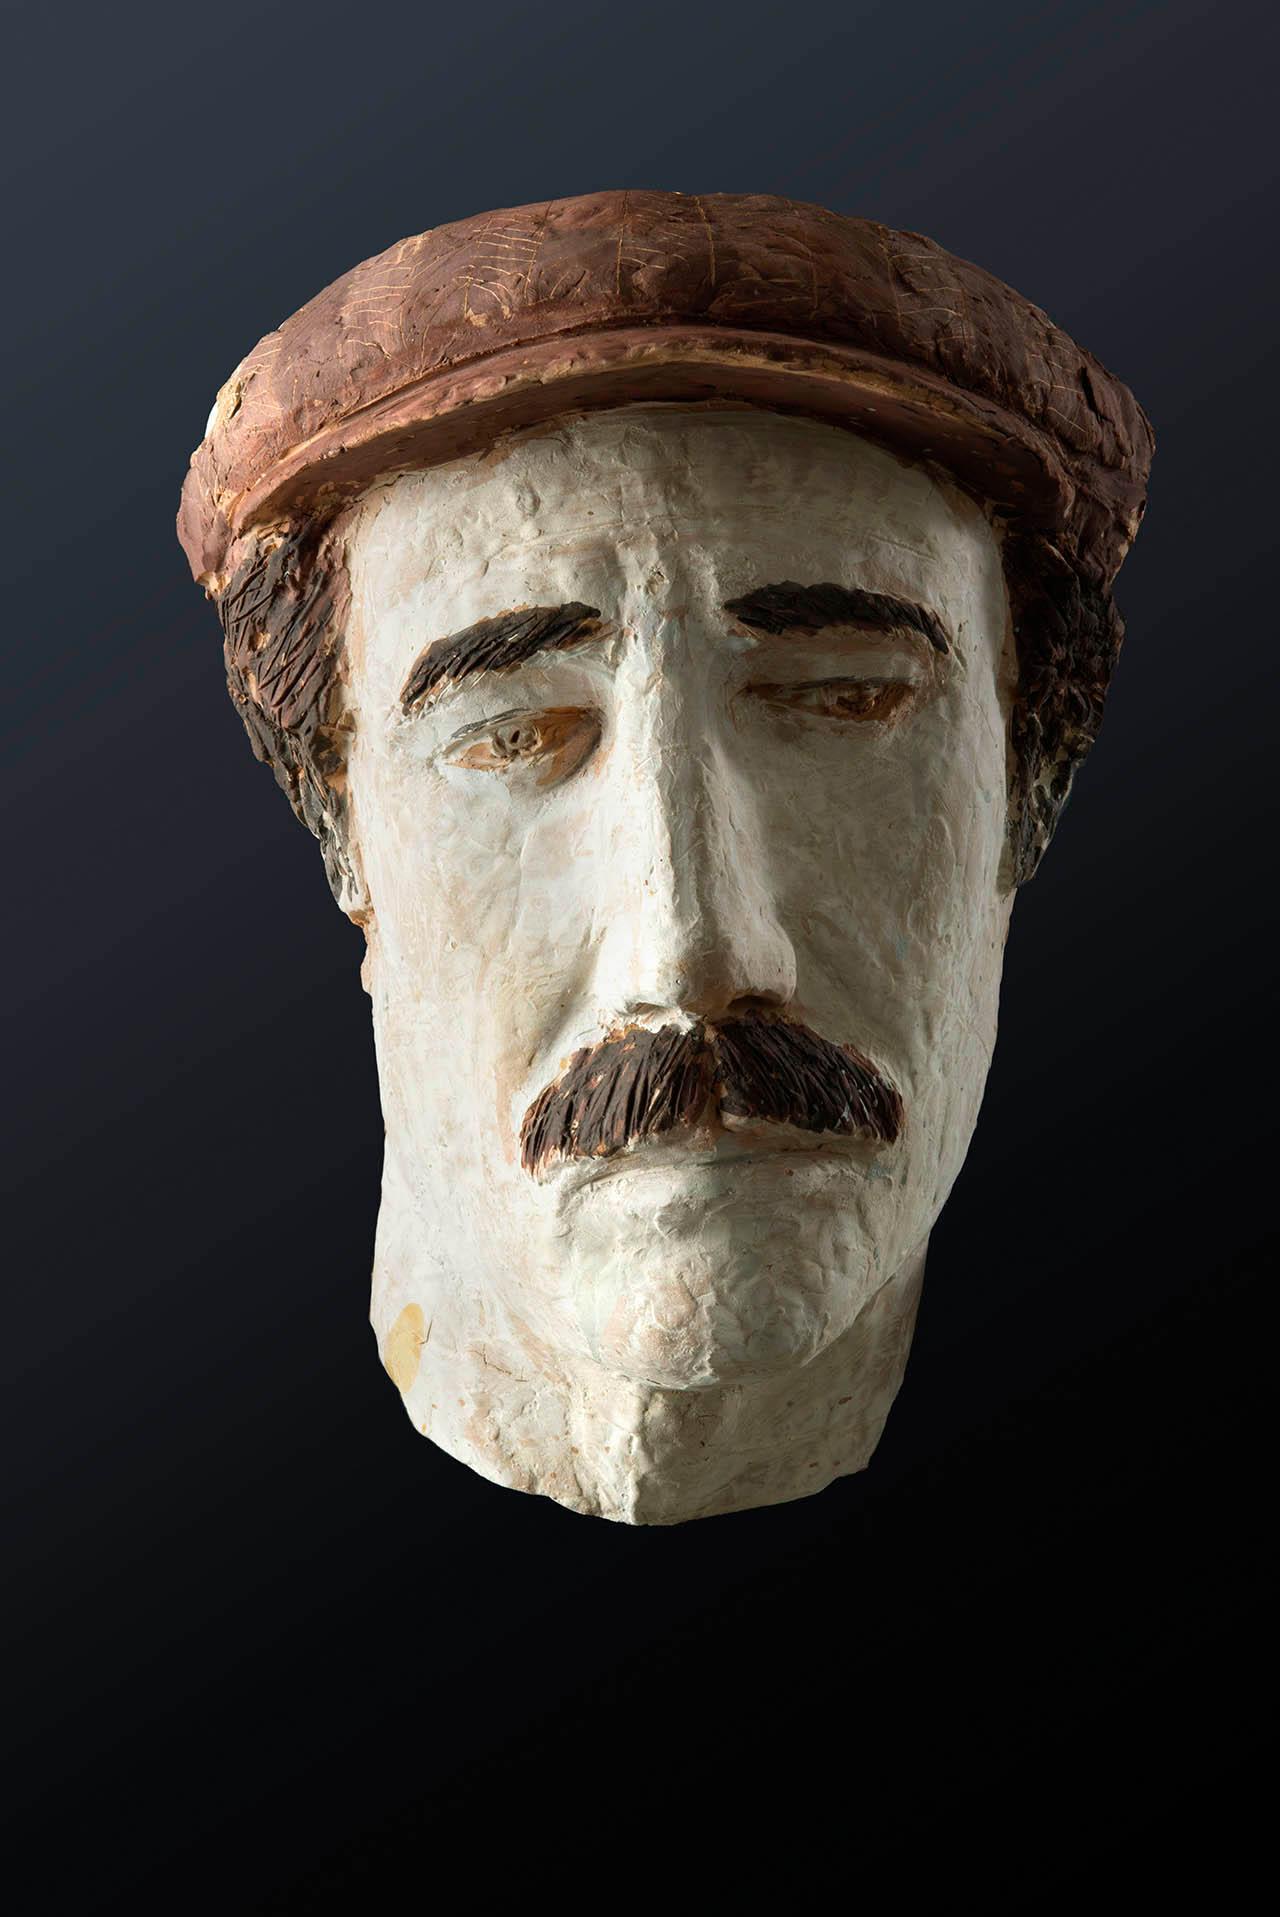 Θεόδωρος Παπαγιάννης